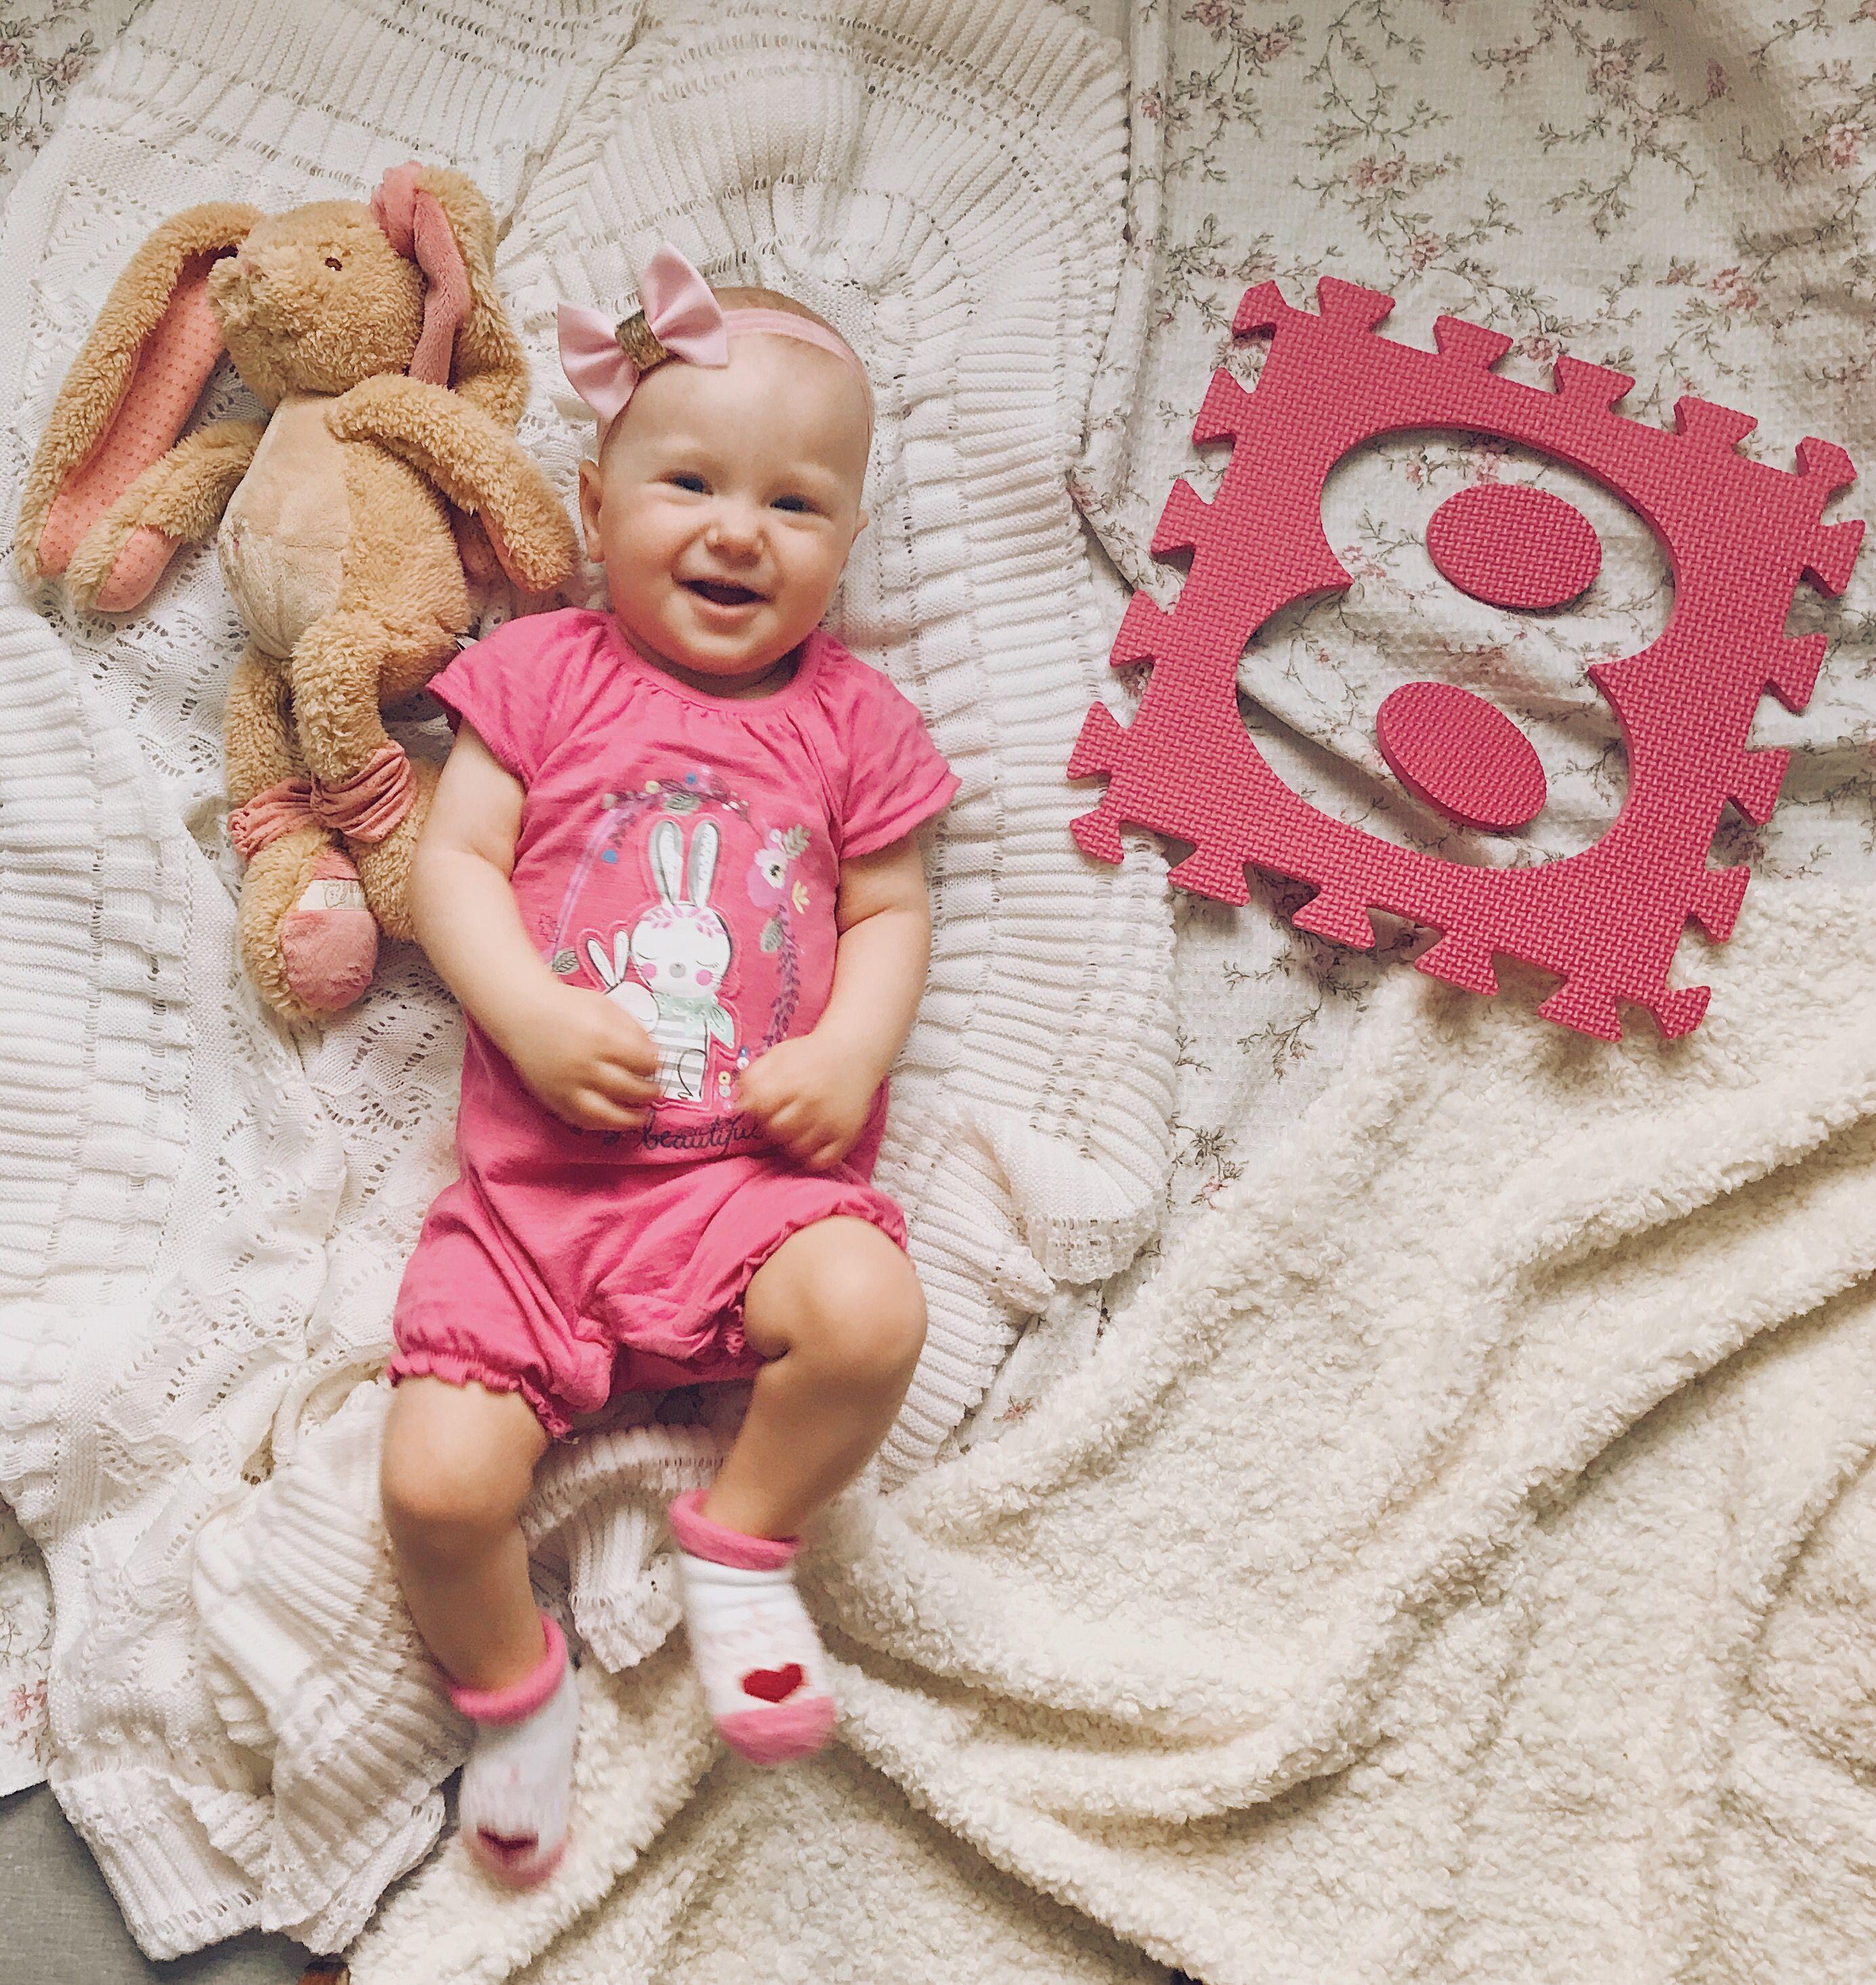 Картинки 8 месяцев девочке с надписями, рабочий девушки